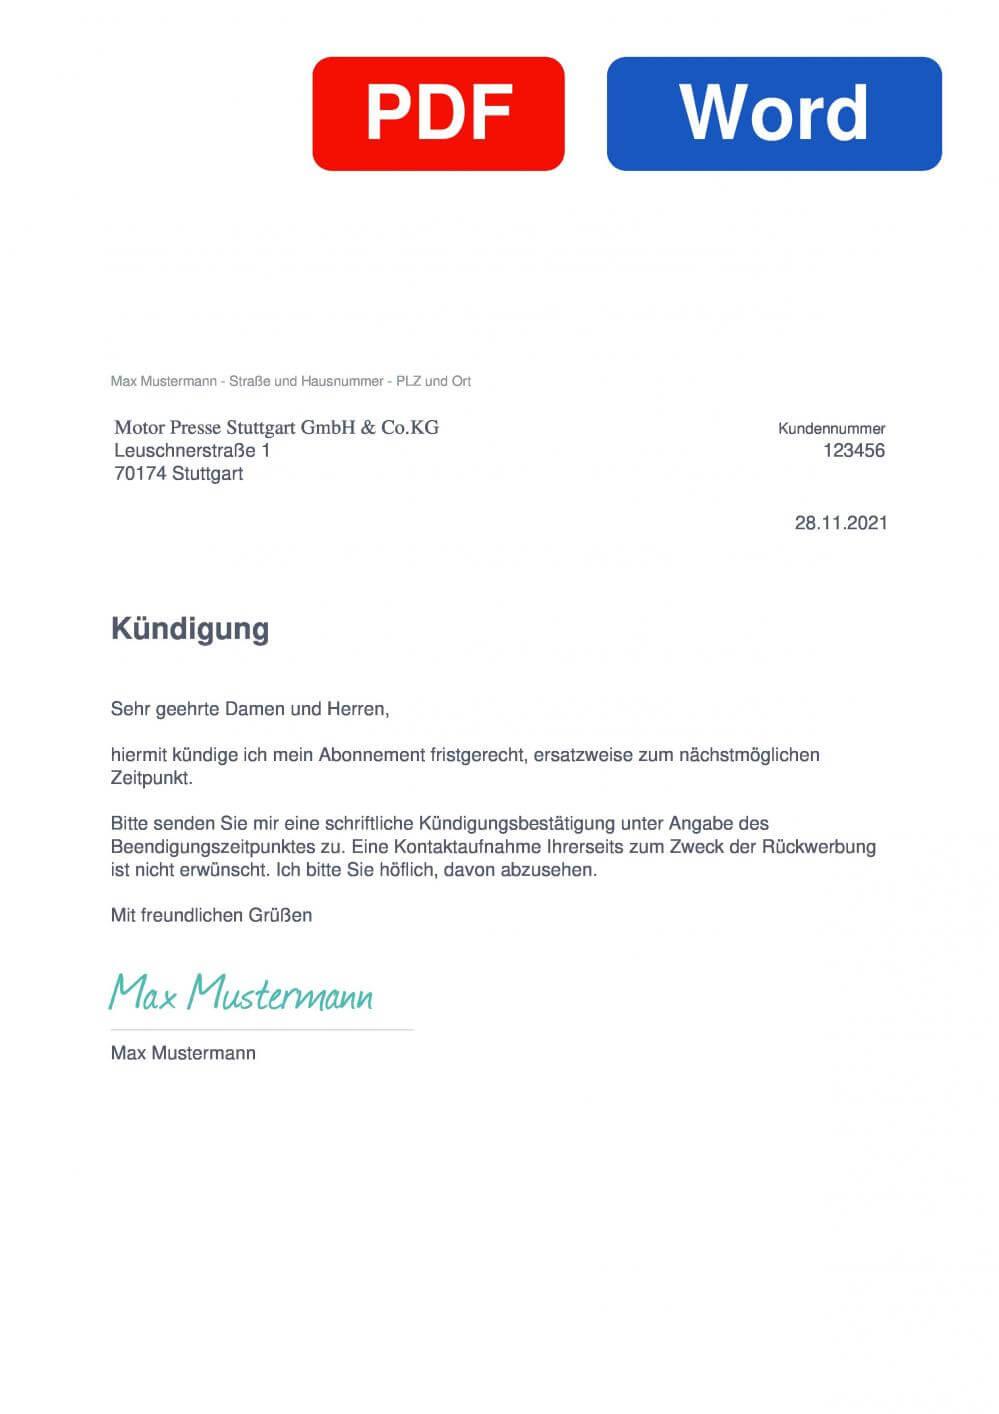 AUTOStraßenverkehr Muster Vorlage für Kündigungsschreiben